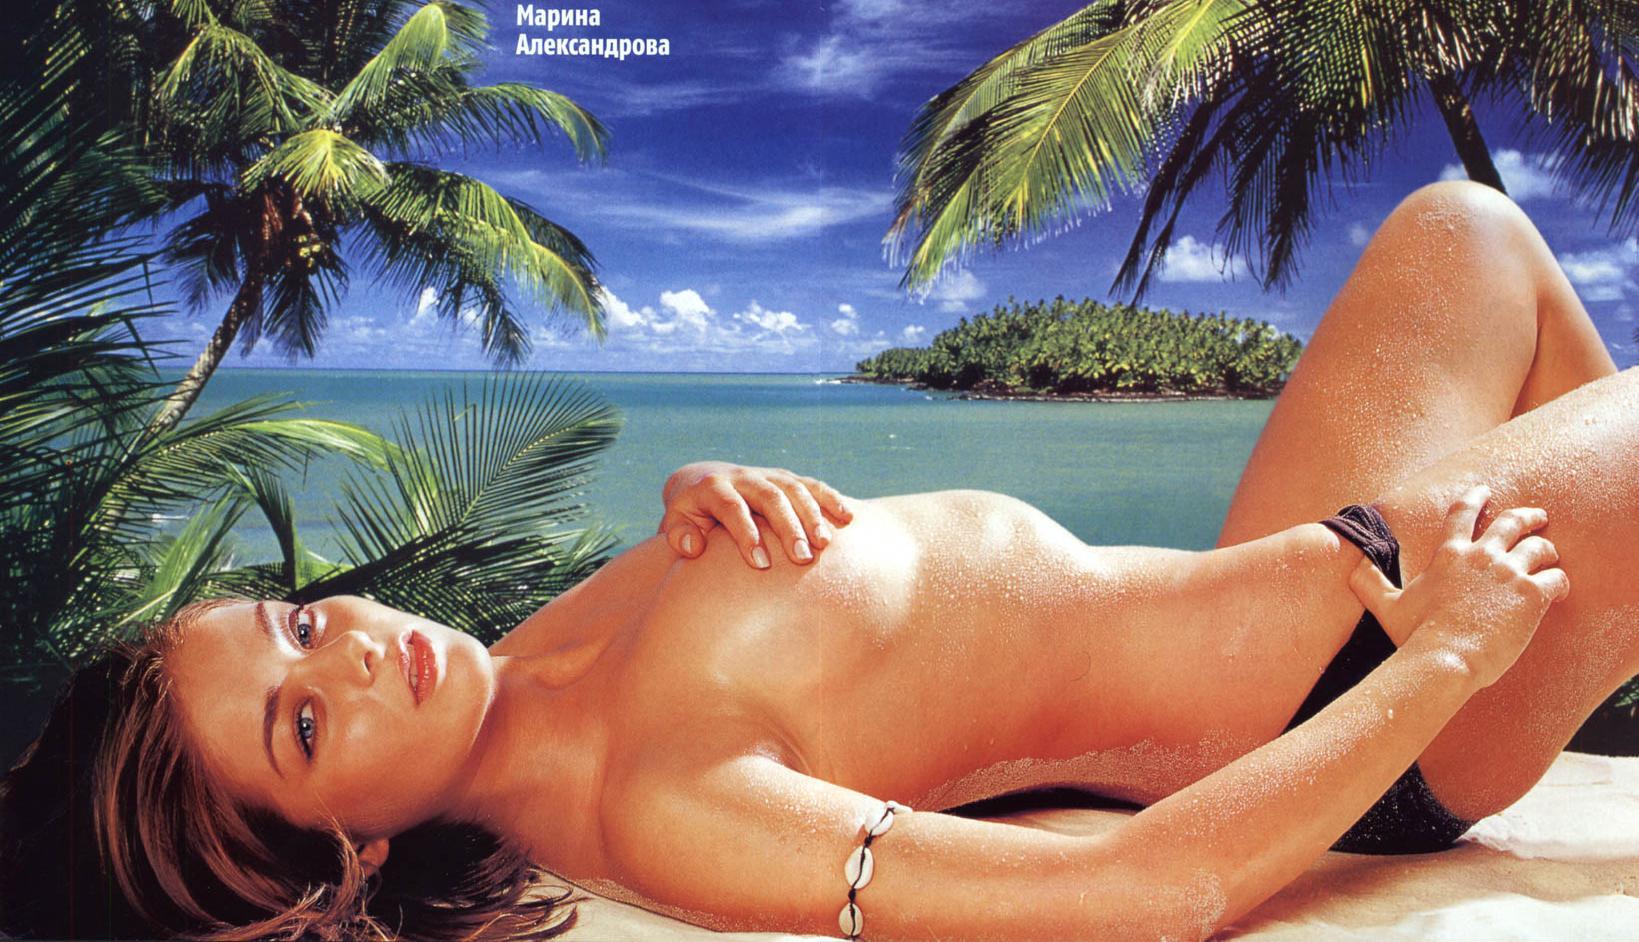 Мария Миронова голая в разных фильмах и на эротических фото